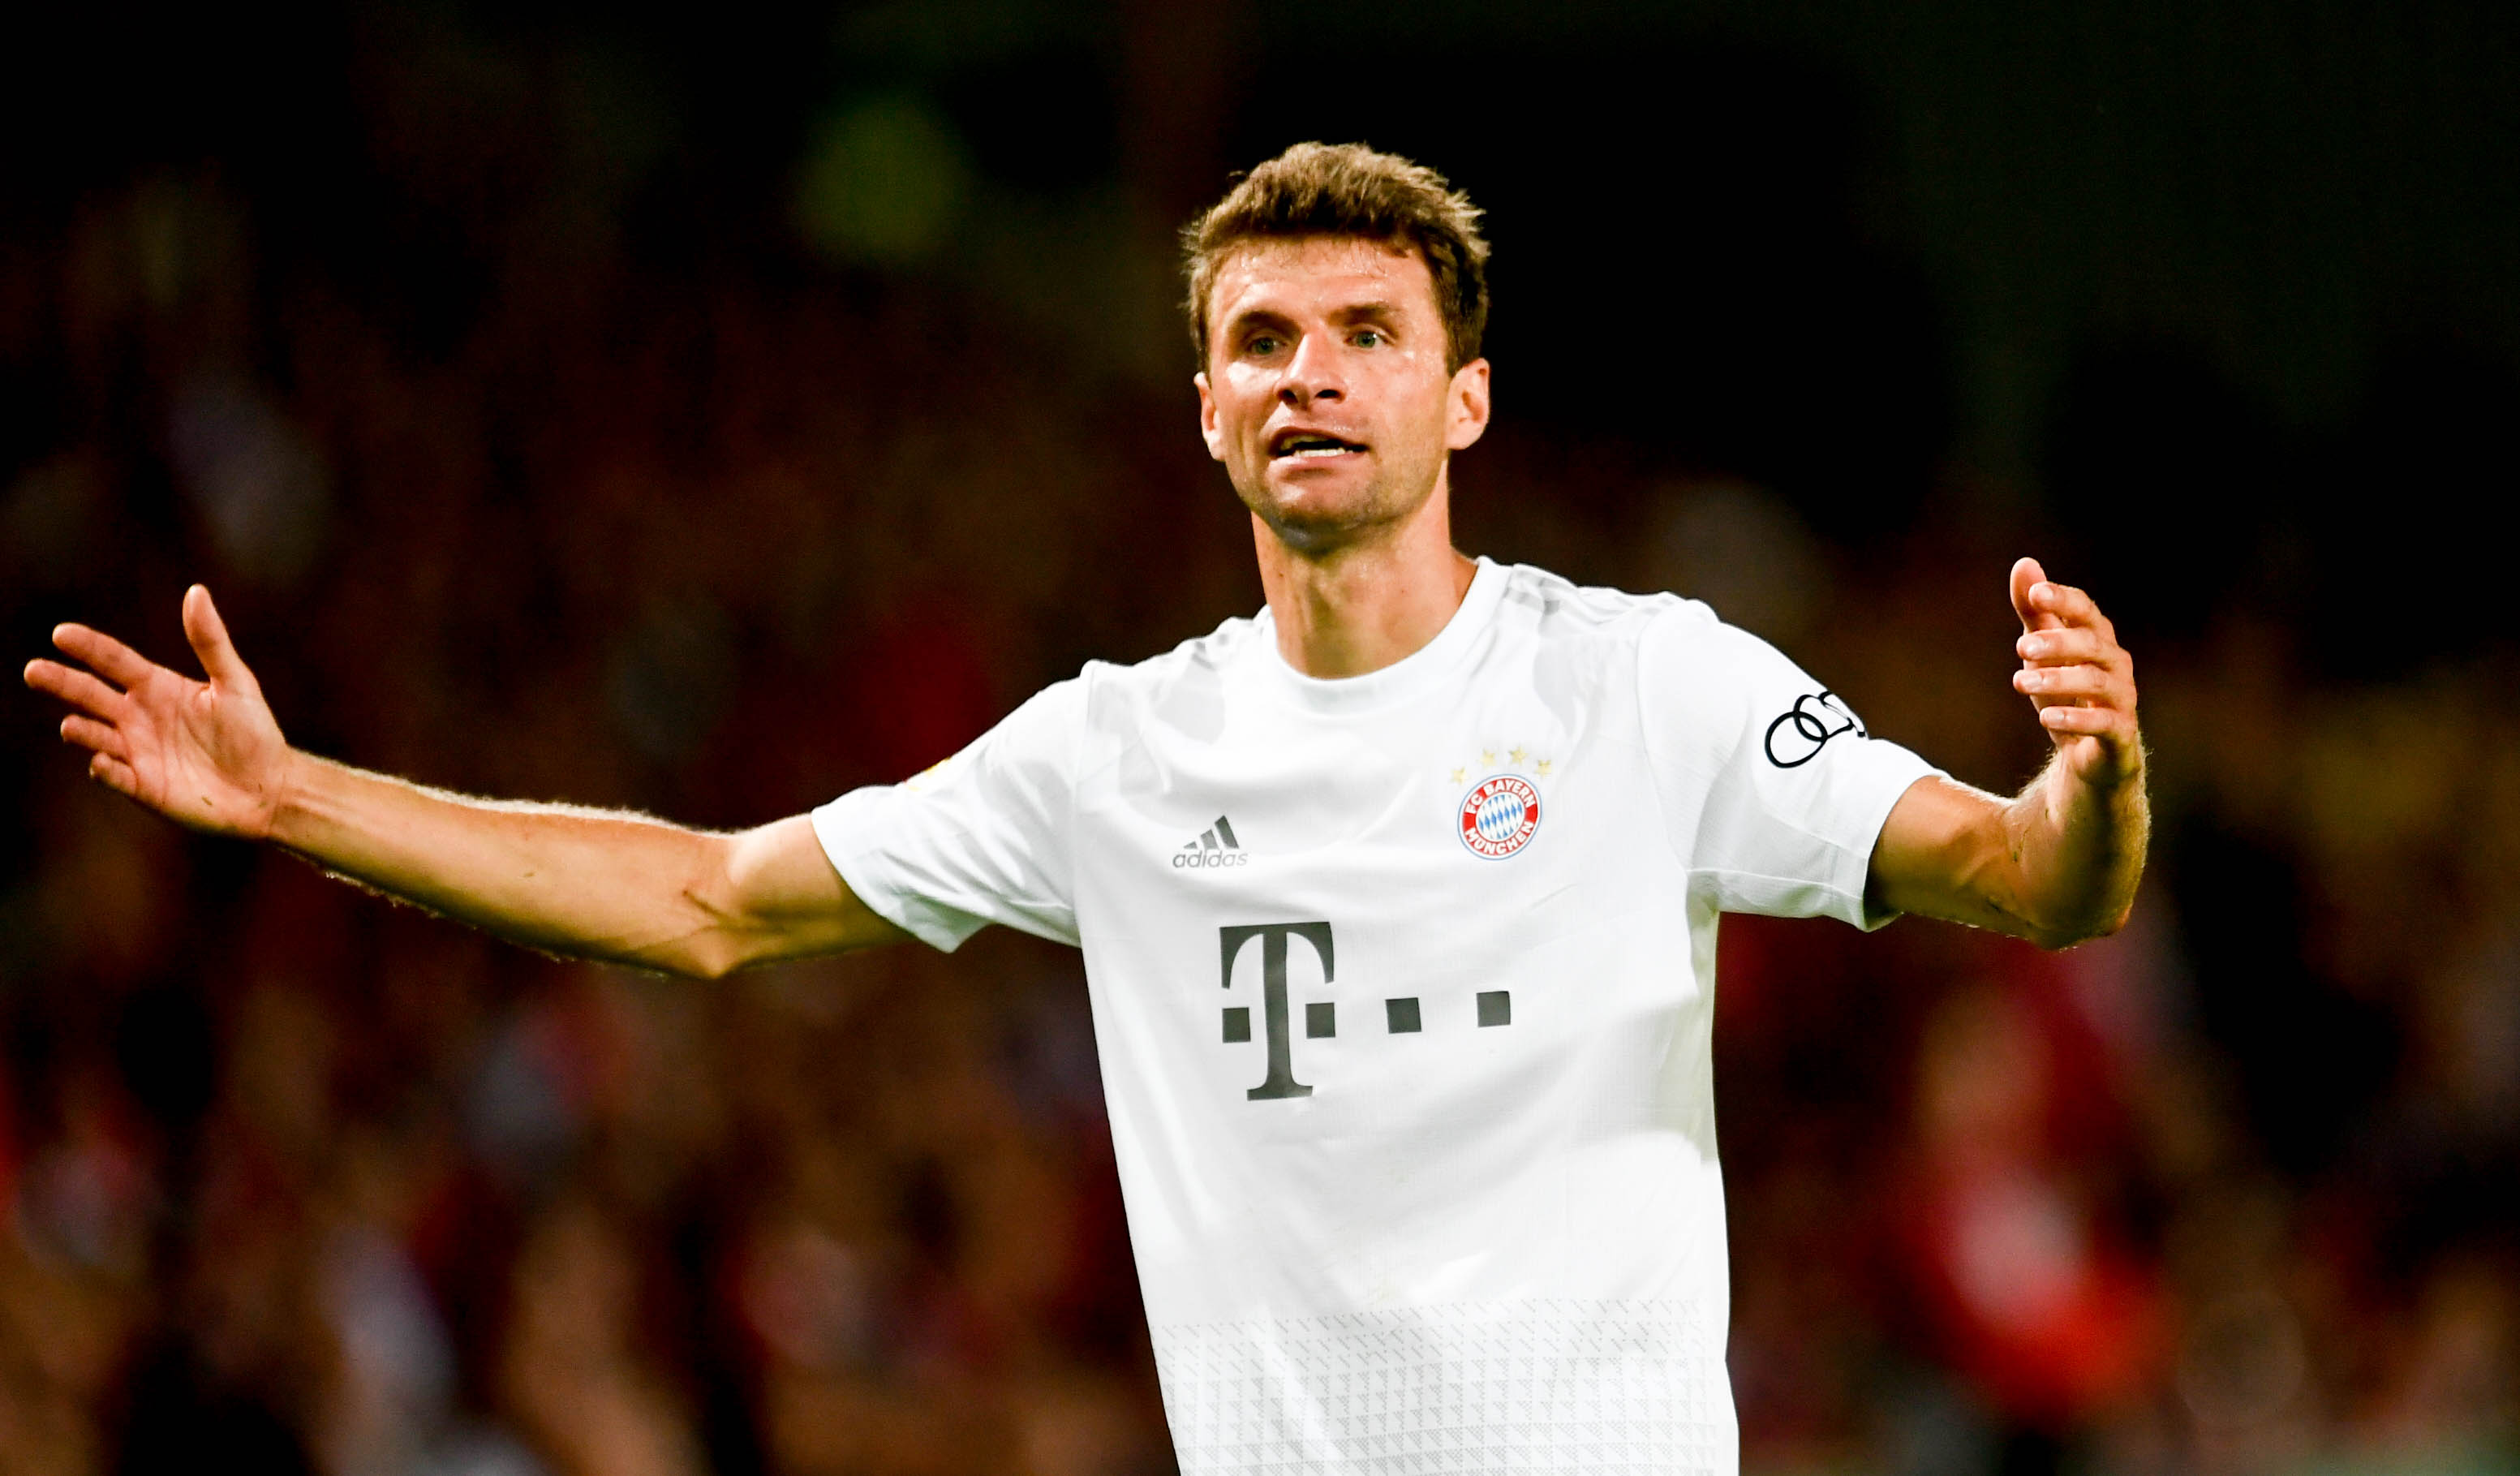 足球——德国杯:拜仁慕尼黑胜科特布斯